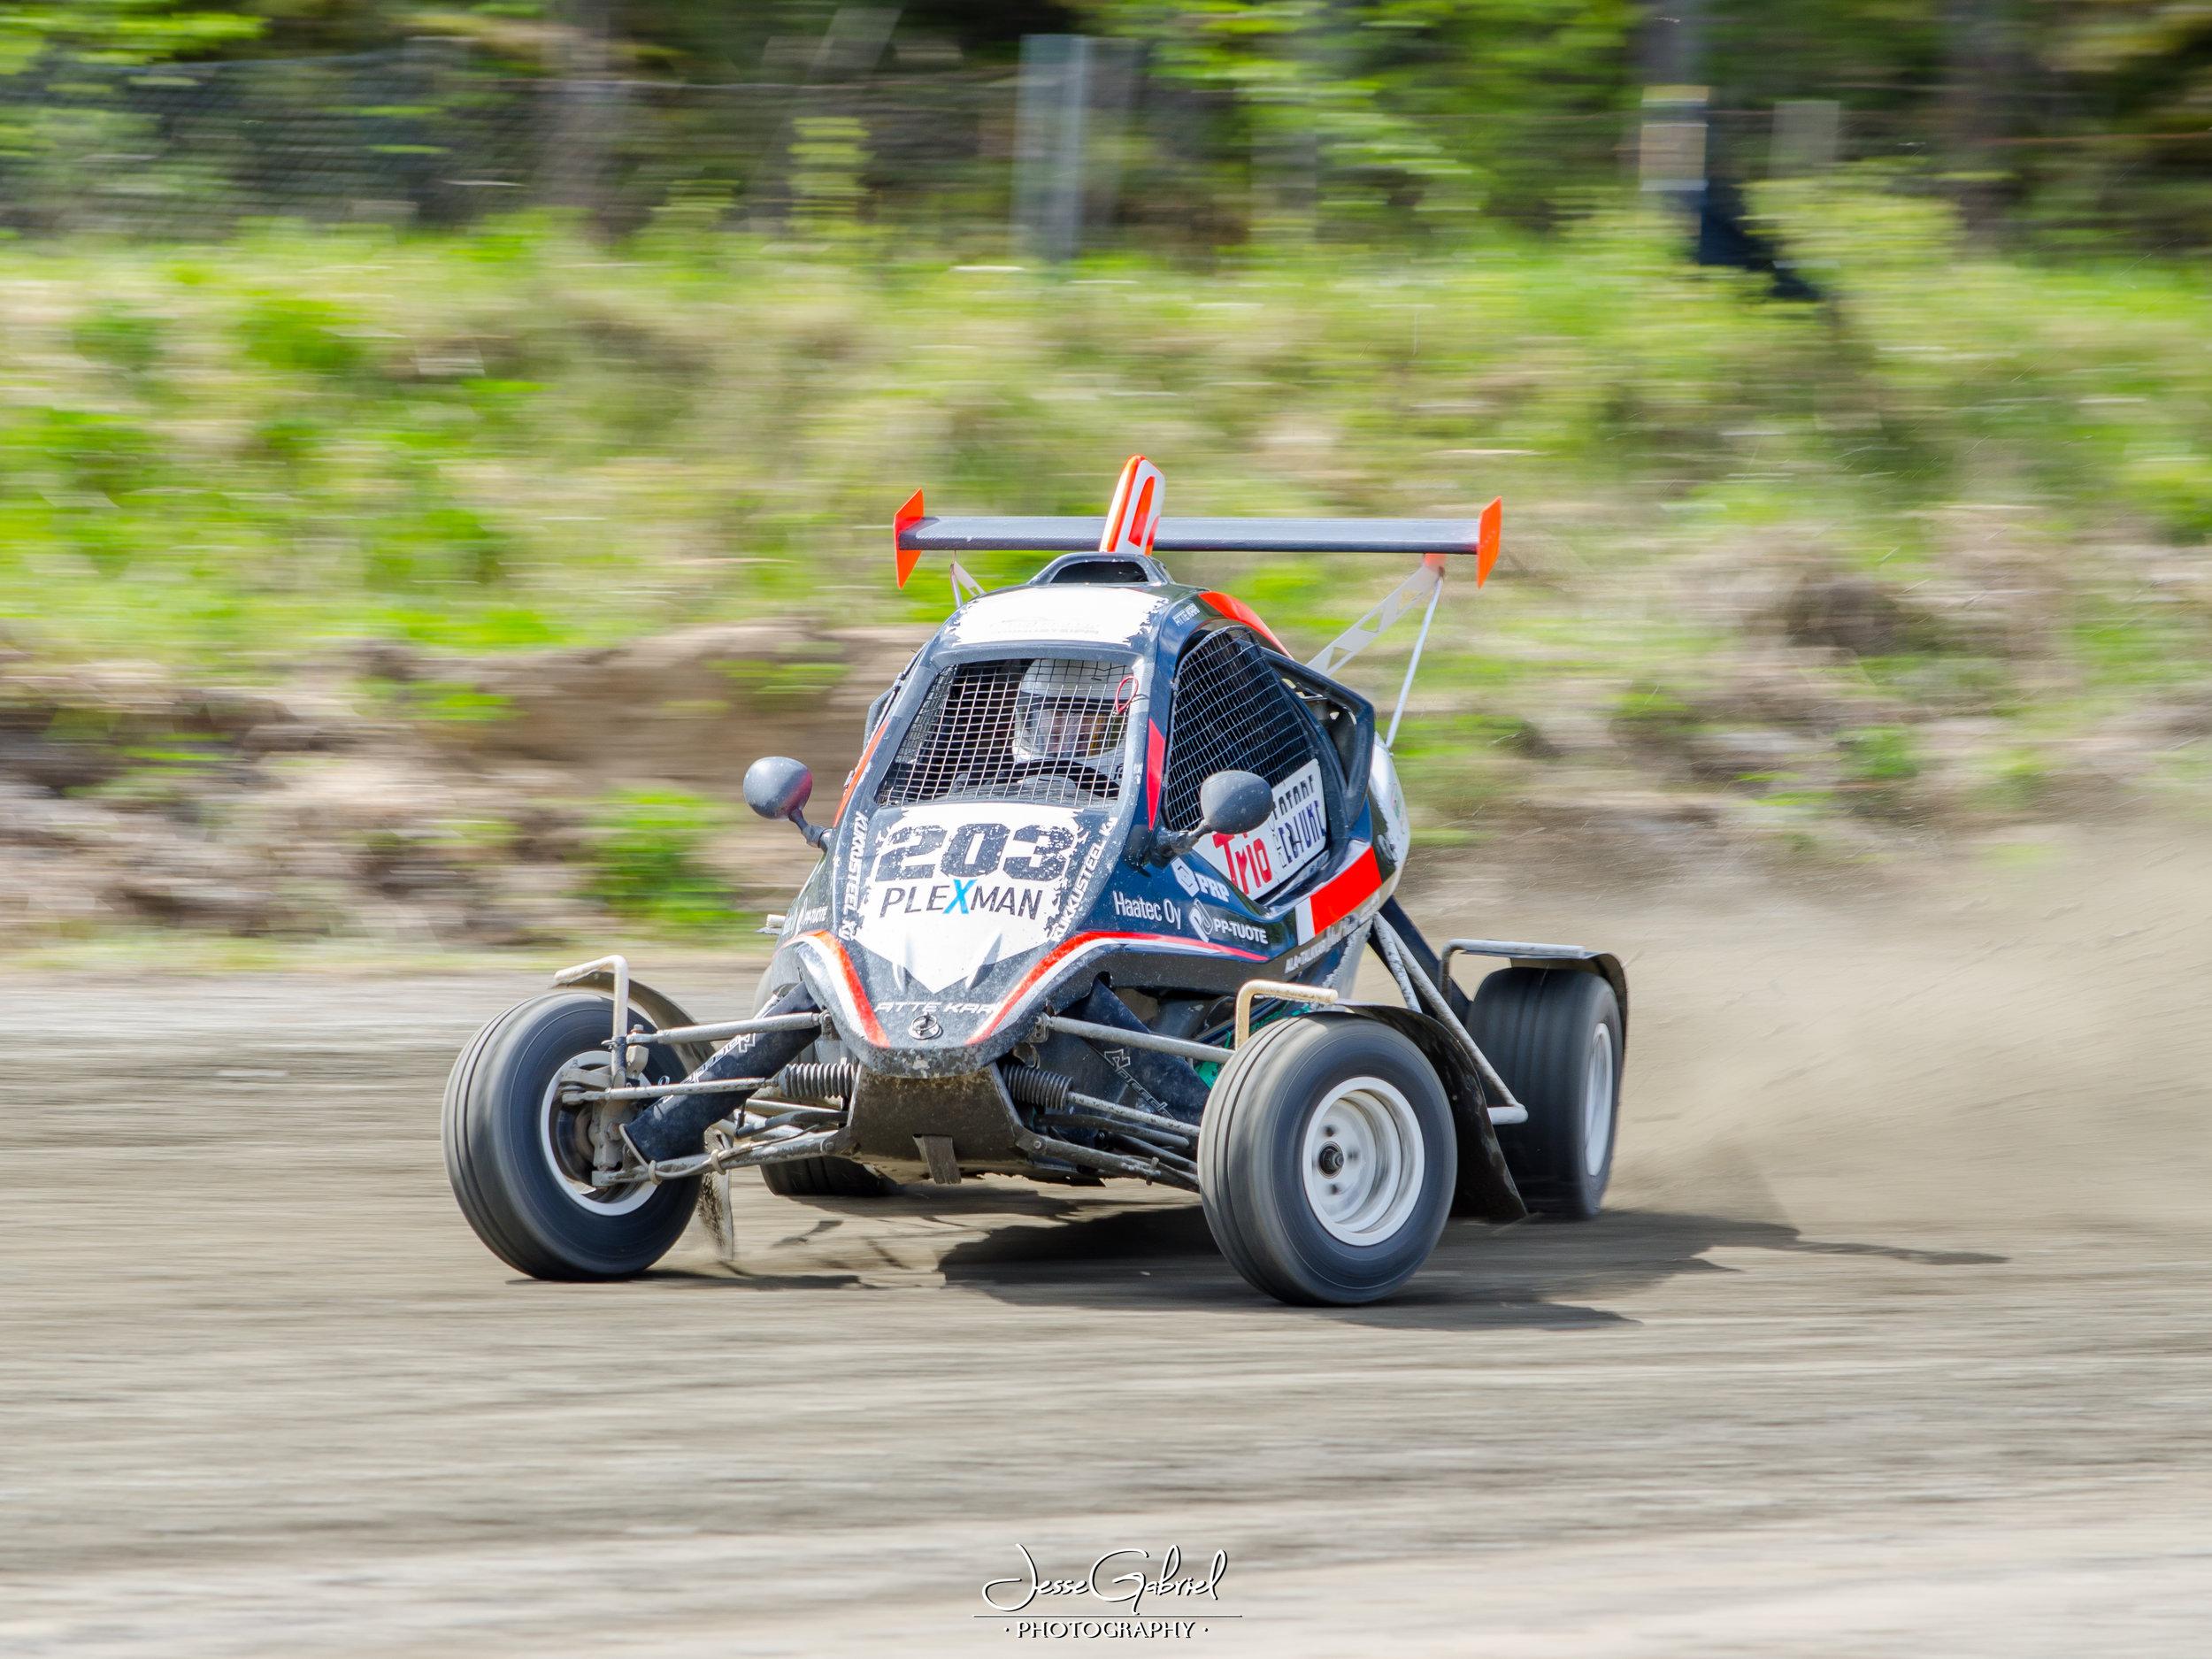 # 203 Atte Kari - Seura: KvanUAAuto: Speedcar Xtrem / Suzuki